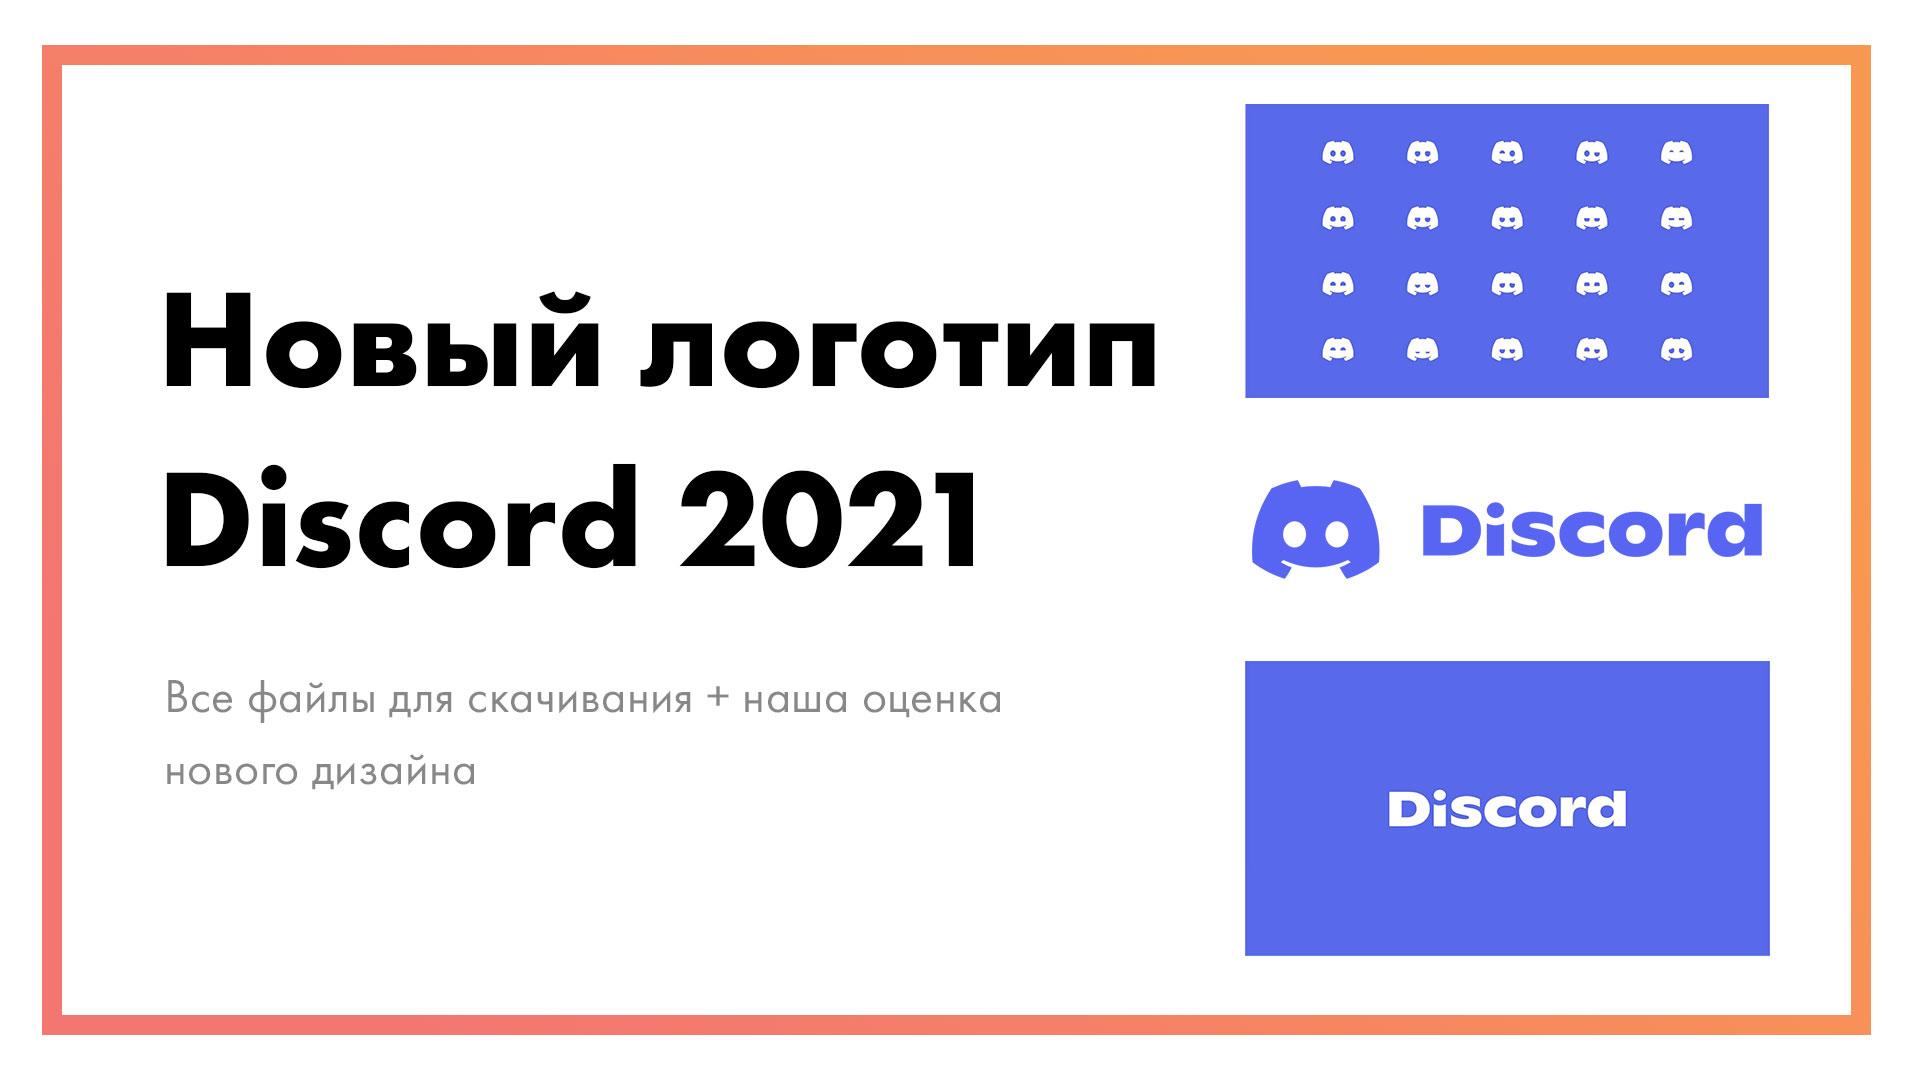 Новый-логотип-Discord-2021-скачать-файлы-png-вектор-на-прозрачном-фоне.jpg